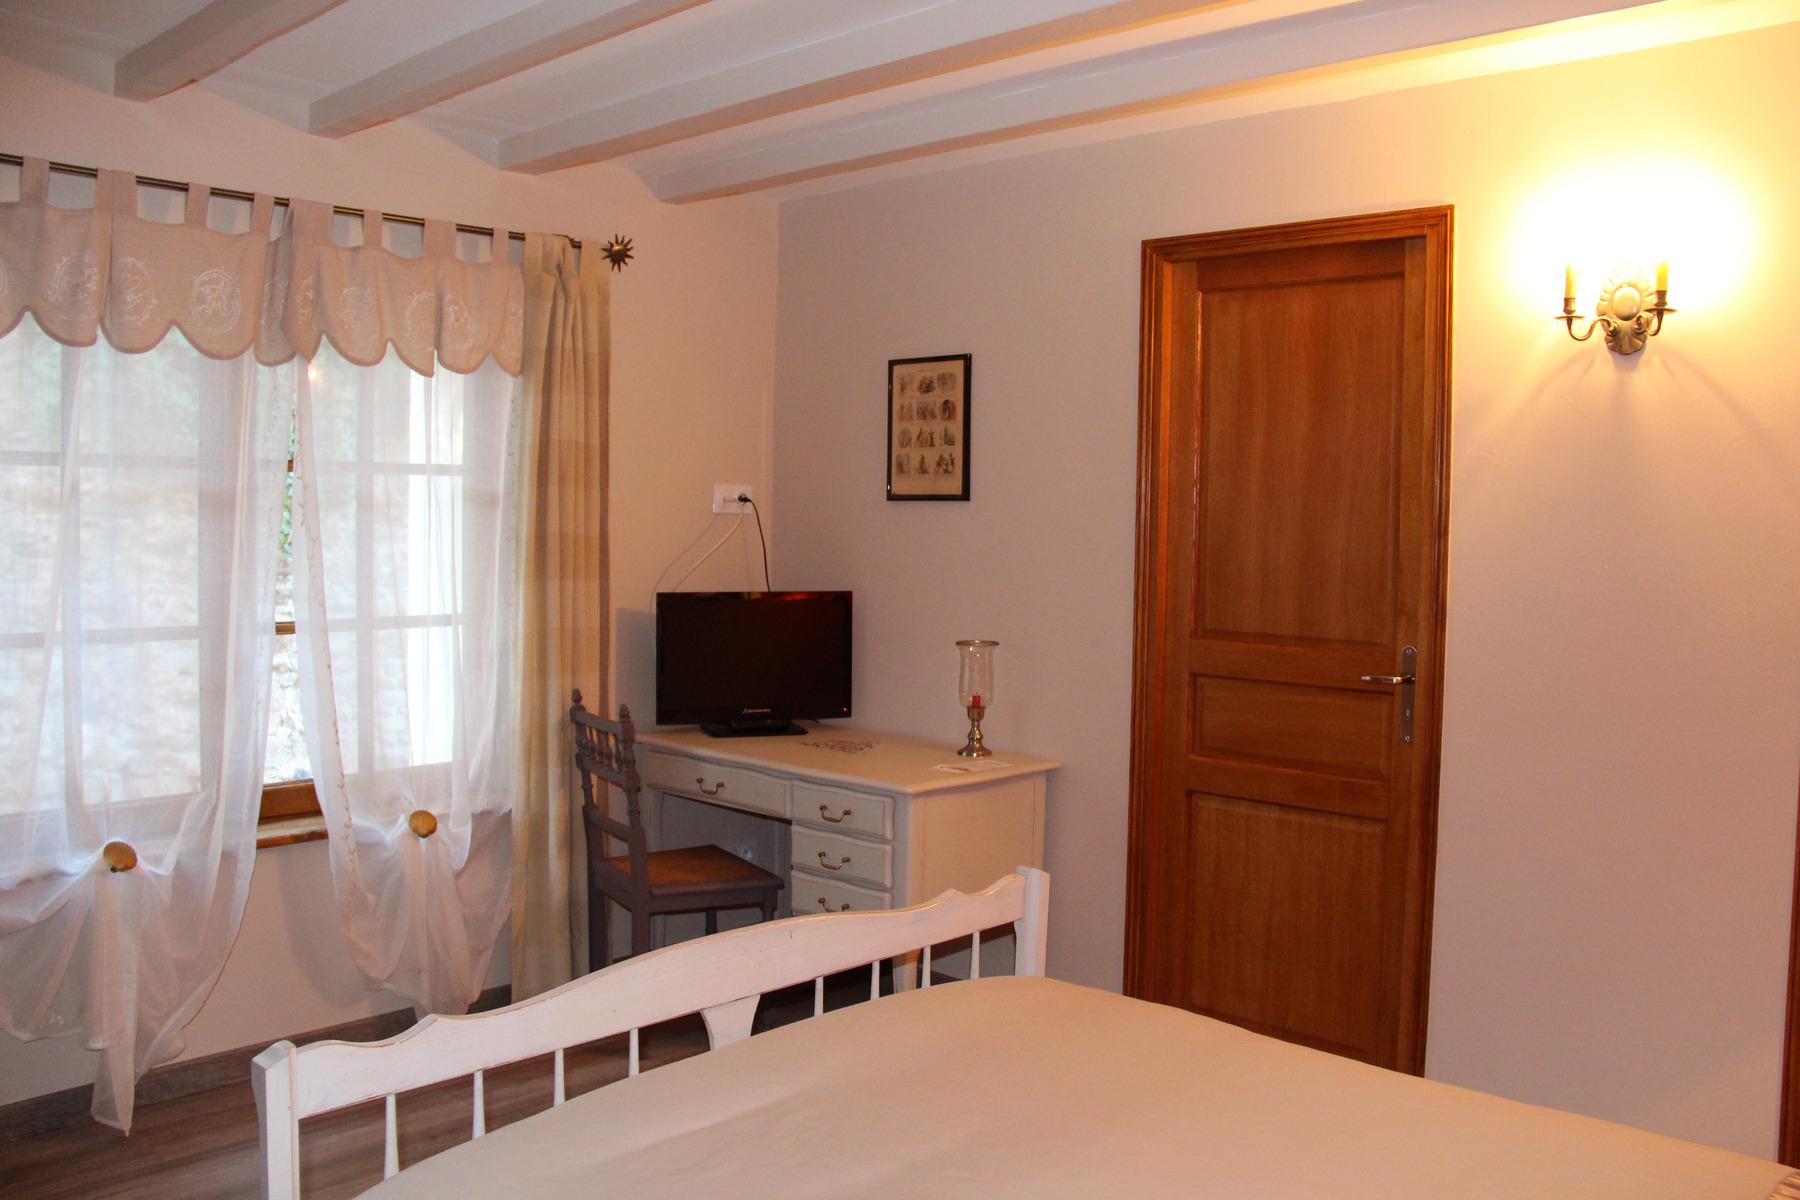 Chambre d h´tes Loire chambre d h´tes de charme Domaine Delabaude